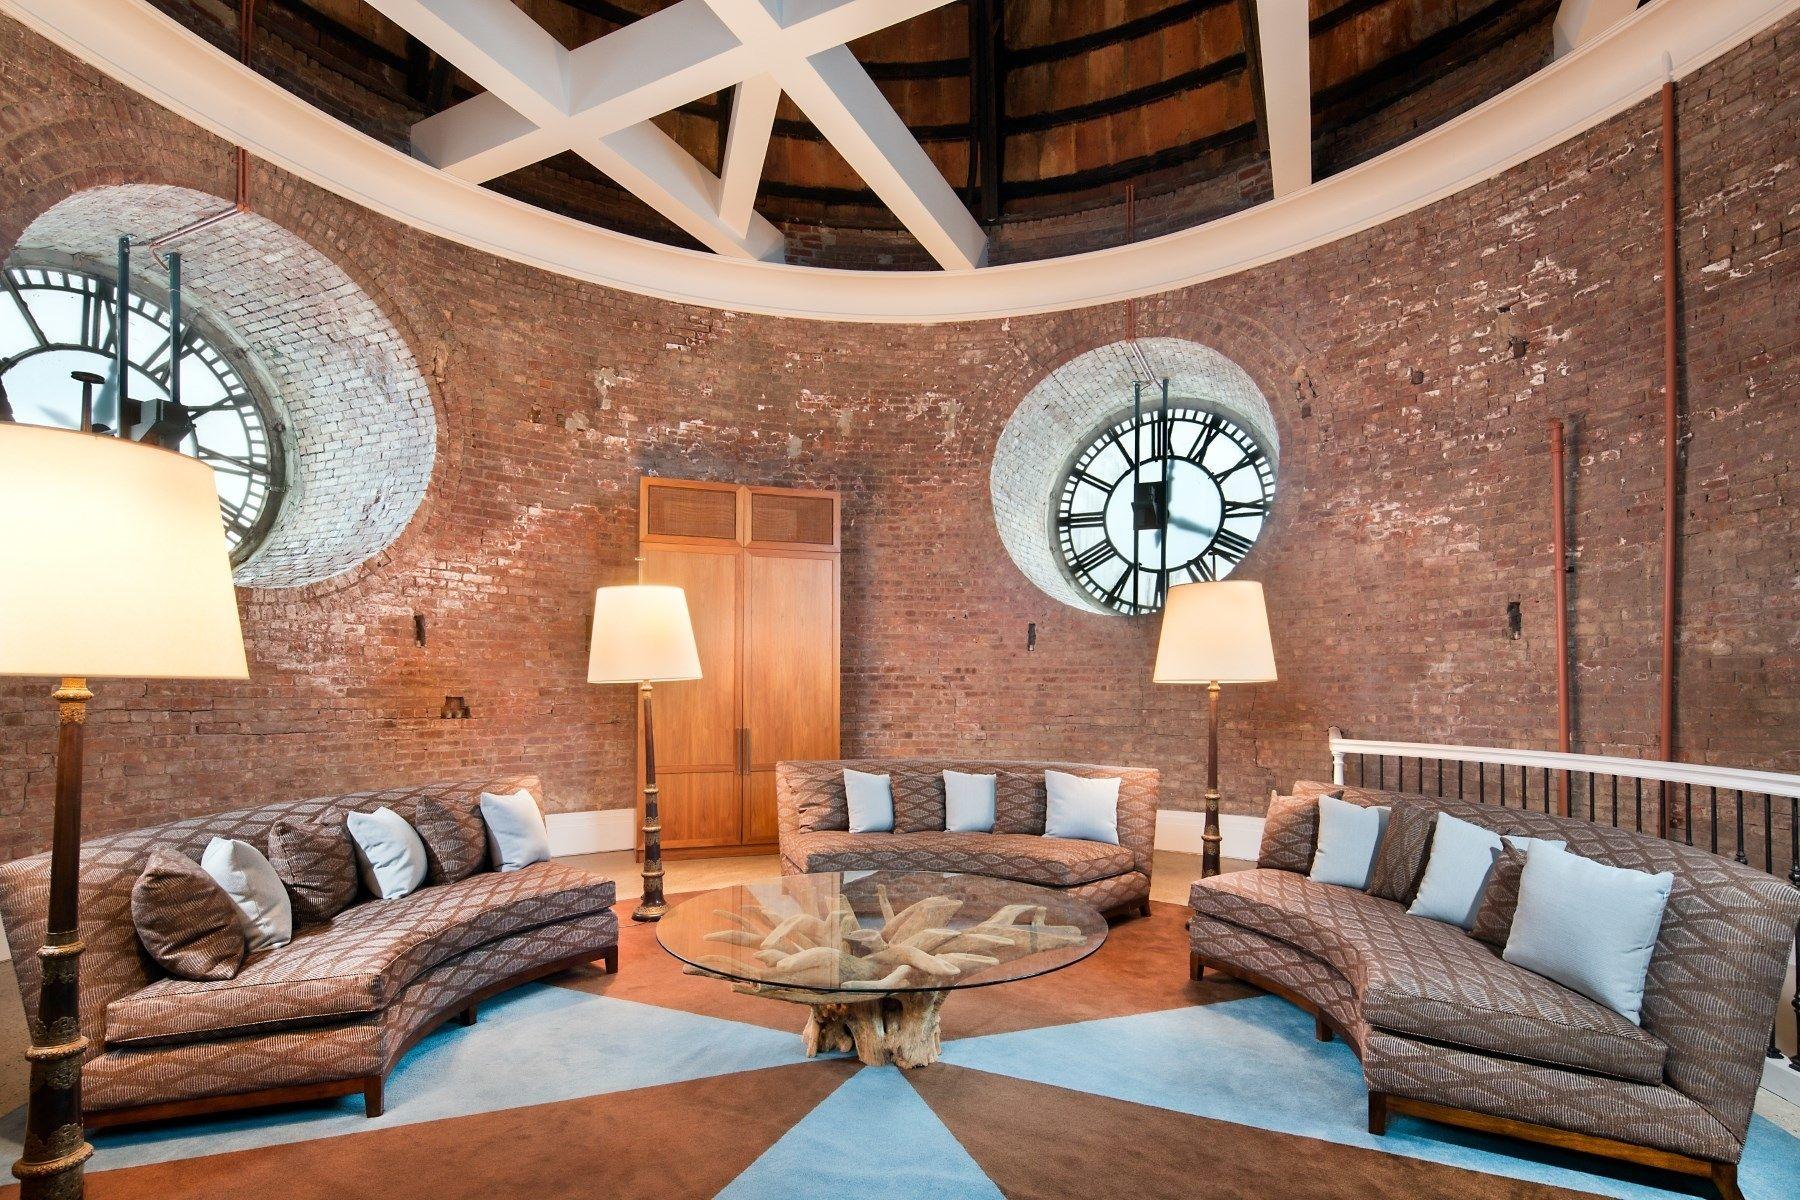 Room QTbjVBljpg 18001200 Home decor